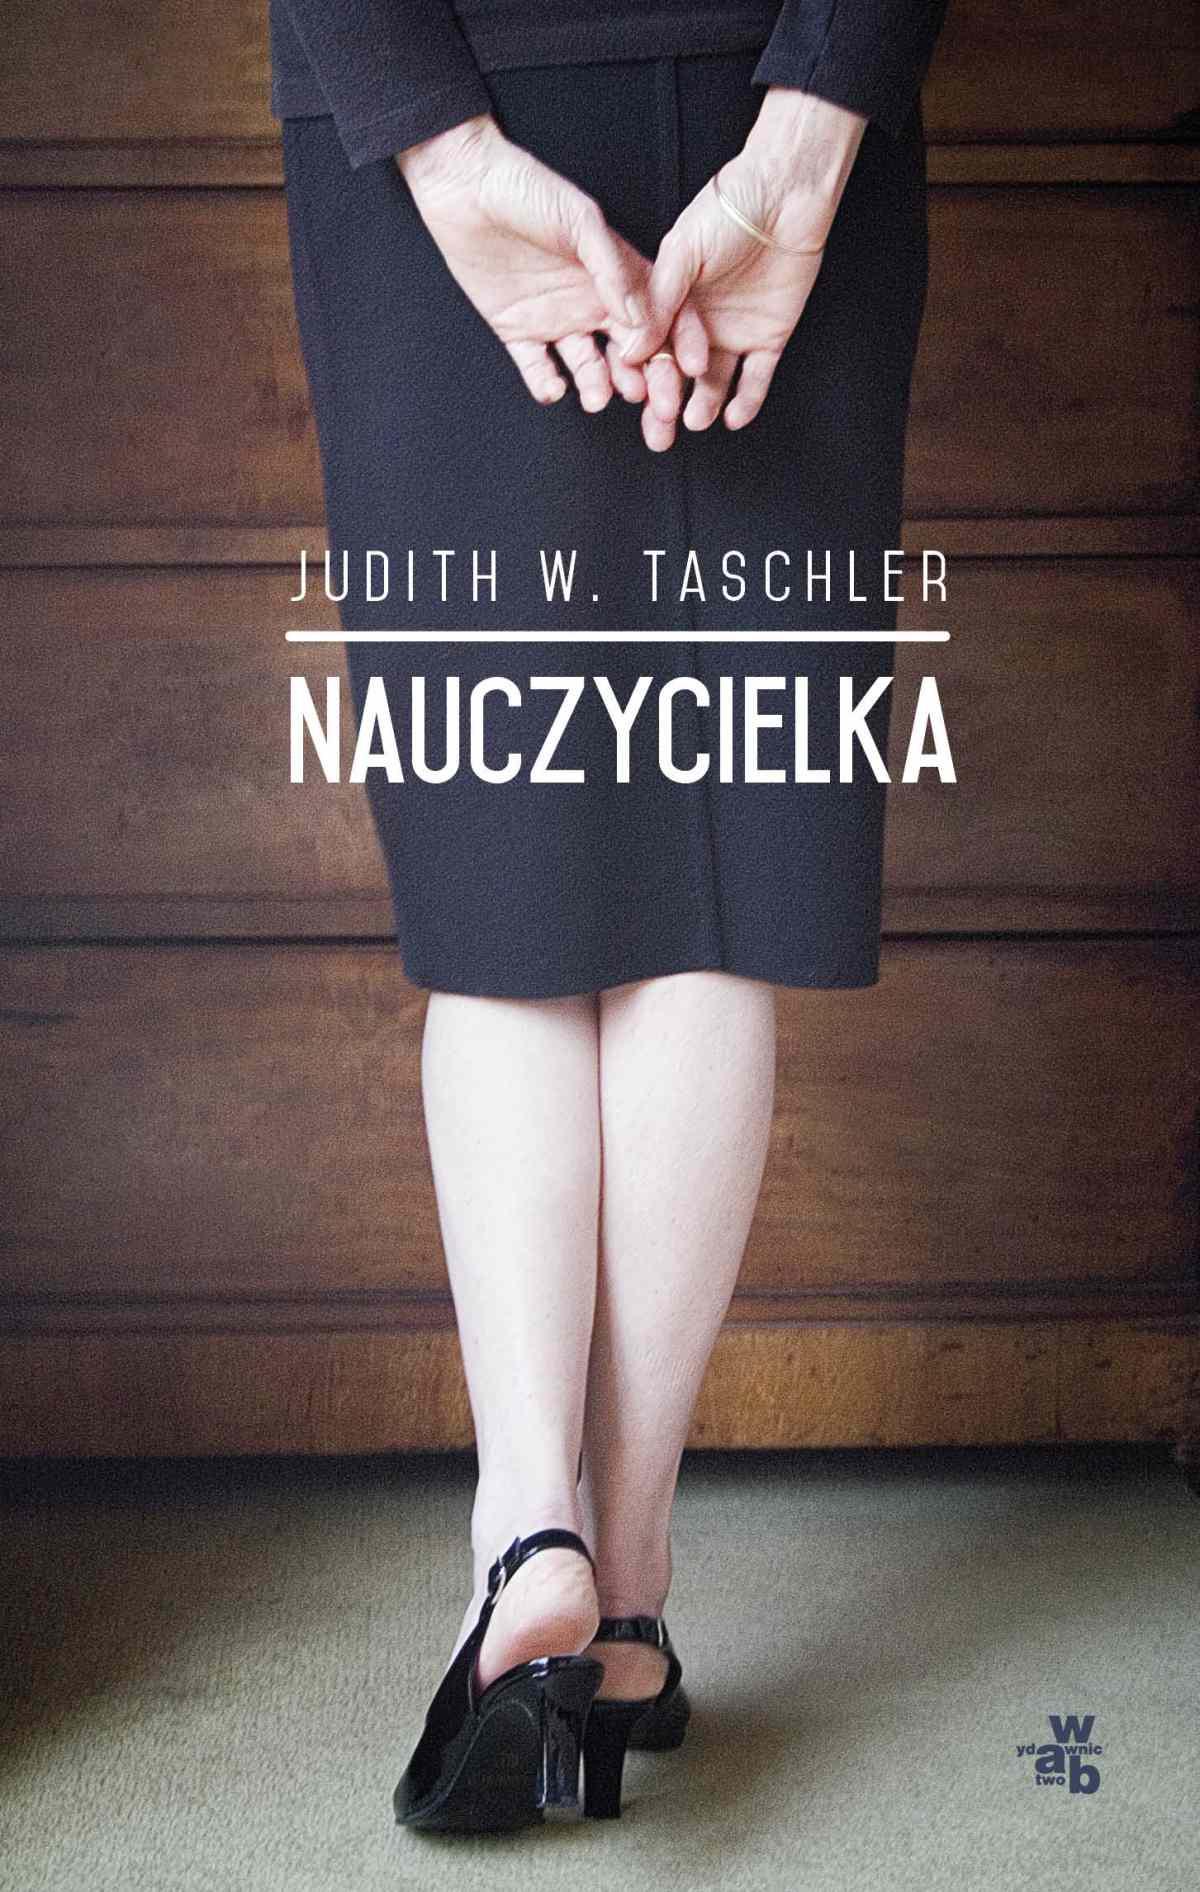 Nauczycielka - Ebook (Książka EPUB) do pobrania w formacie EPUB